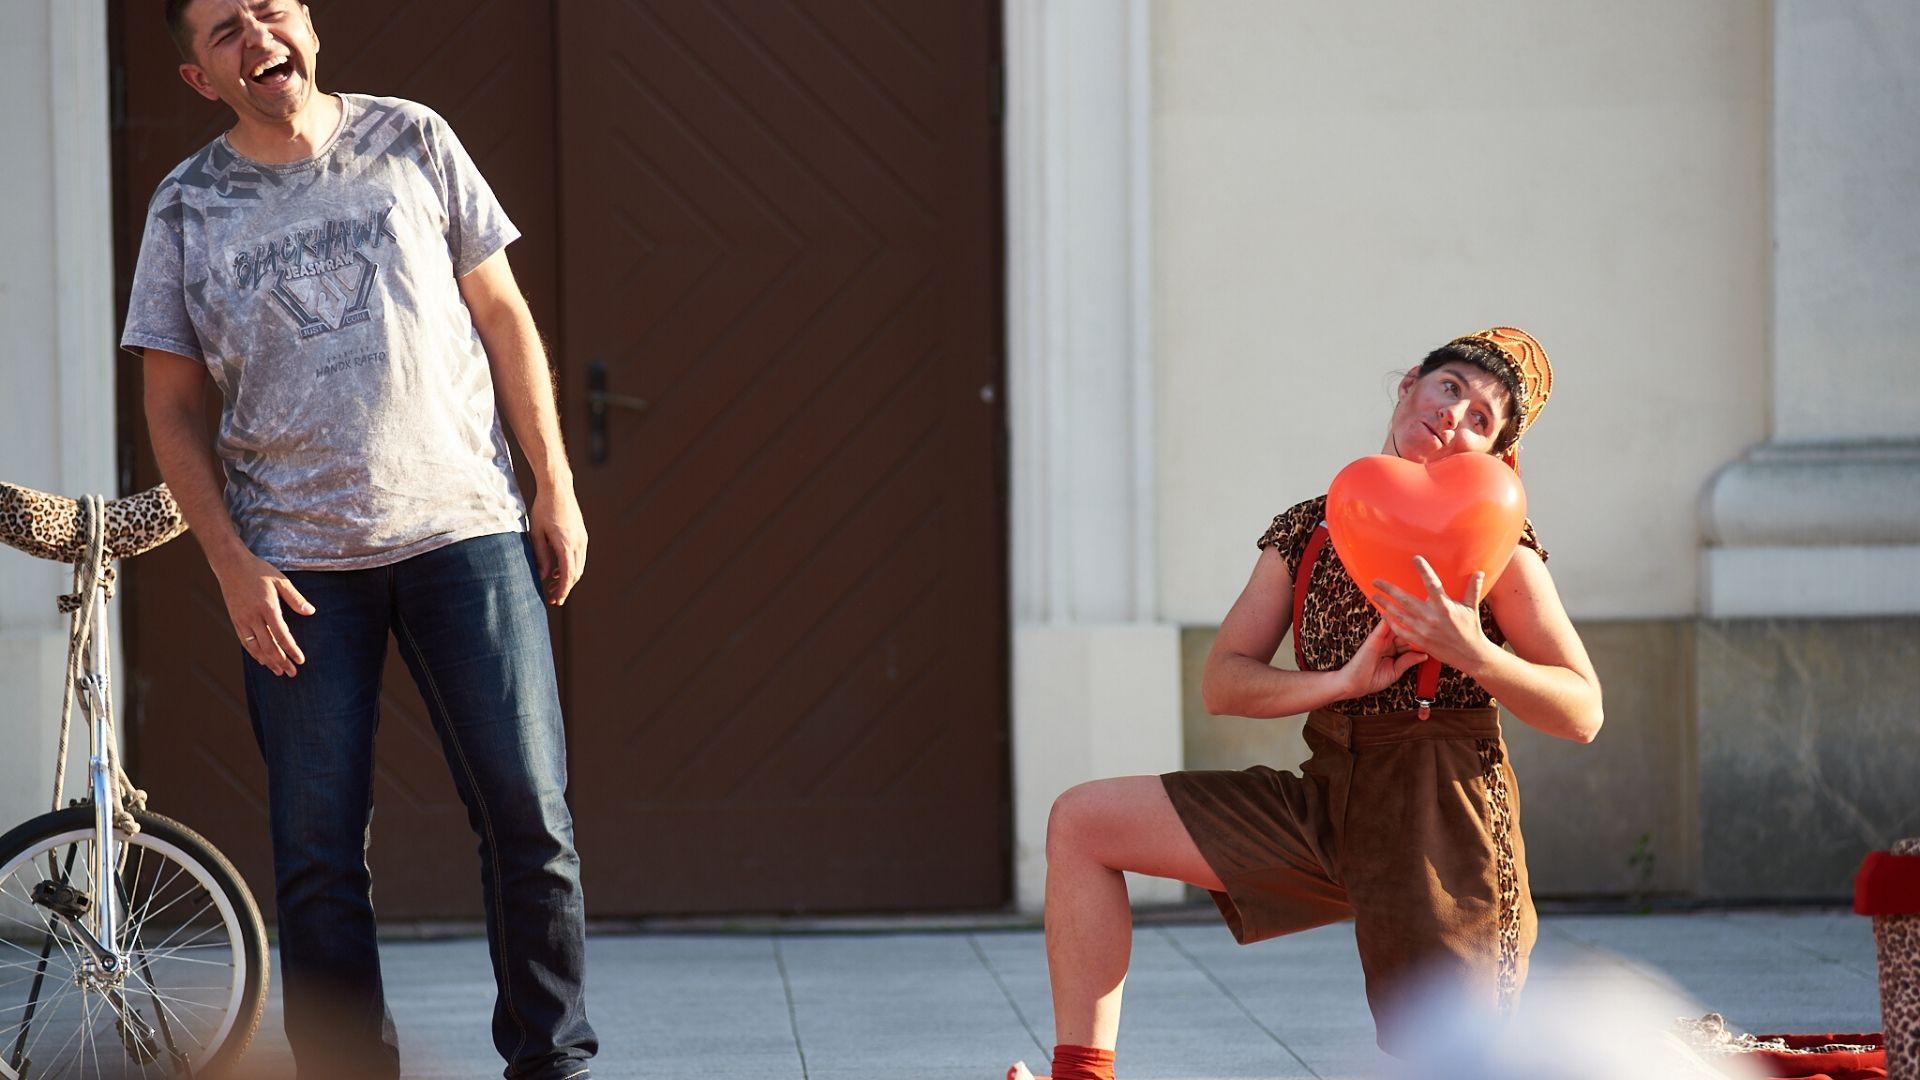 Zdjęcie z Carnavalu Sztukmistrzów 2019. Artystka ubrana w krókie spodenki na szelkach przyklęknęła na jedno kolano. W rękach trzyma czerwony balon w kształcie serca. Obok niej stoi mężczyzna, śmieje się. Przy mężczyźnie widoczny rekwizyt - monocykl